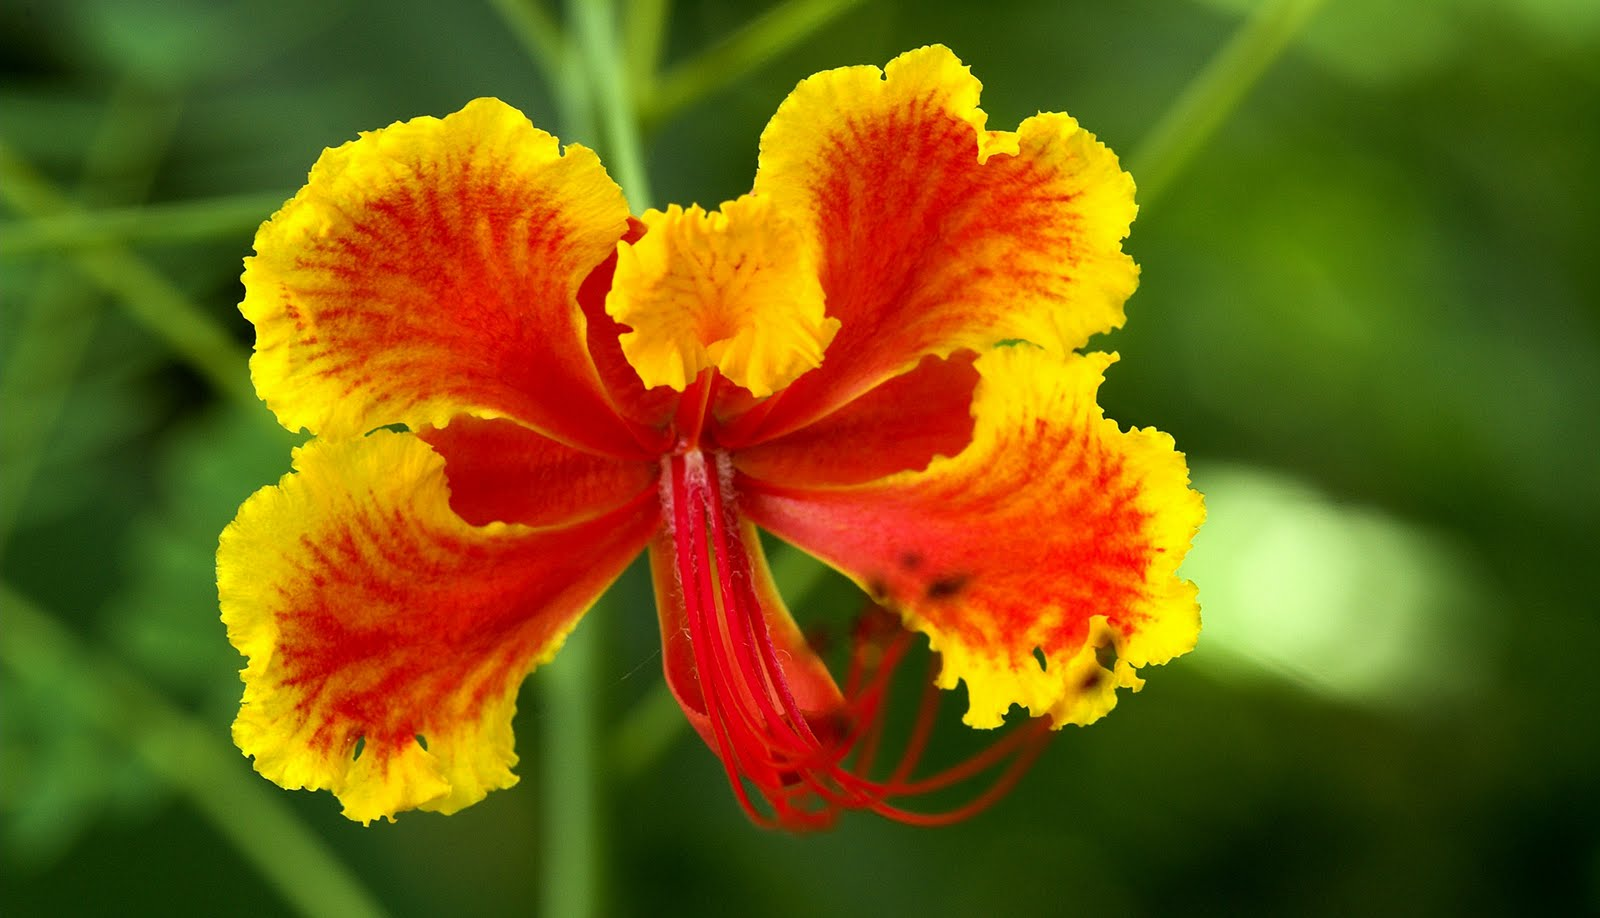 http://4.bp.blogspot.com/-G9xxS_fAs2E/Tah-pGo1-0I/AAAAAAAAGYk/Puzmo7JlhiM/s1600/flowers-wallpaper_1920x1102_83682.jpg